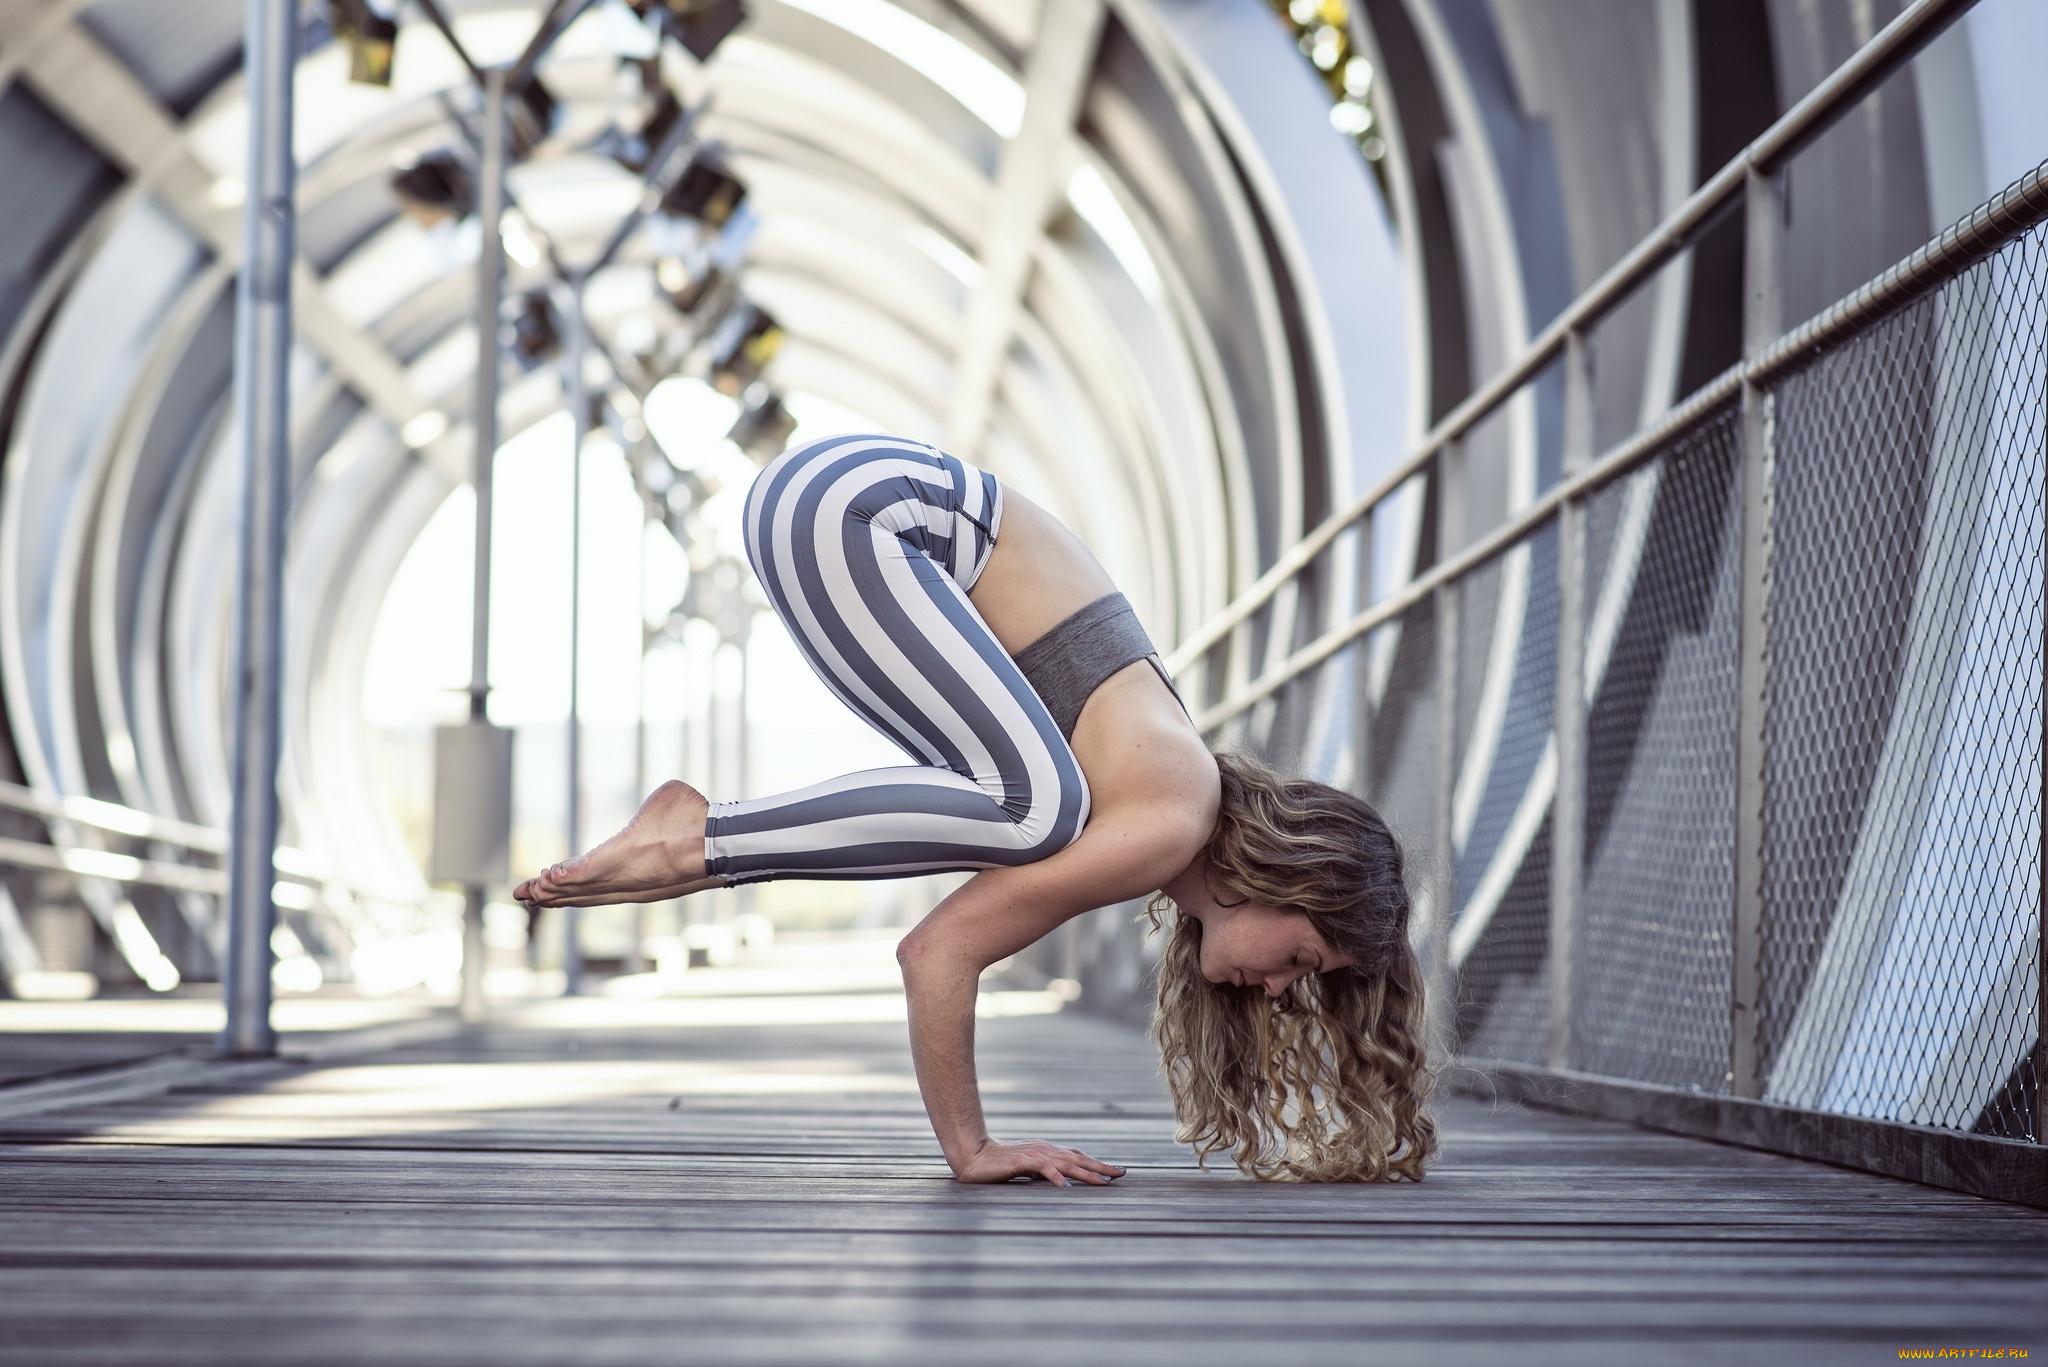 Фото девушек в стойке мостик, Фото подборка эротики как голые девушки делают мостик 12 фотография